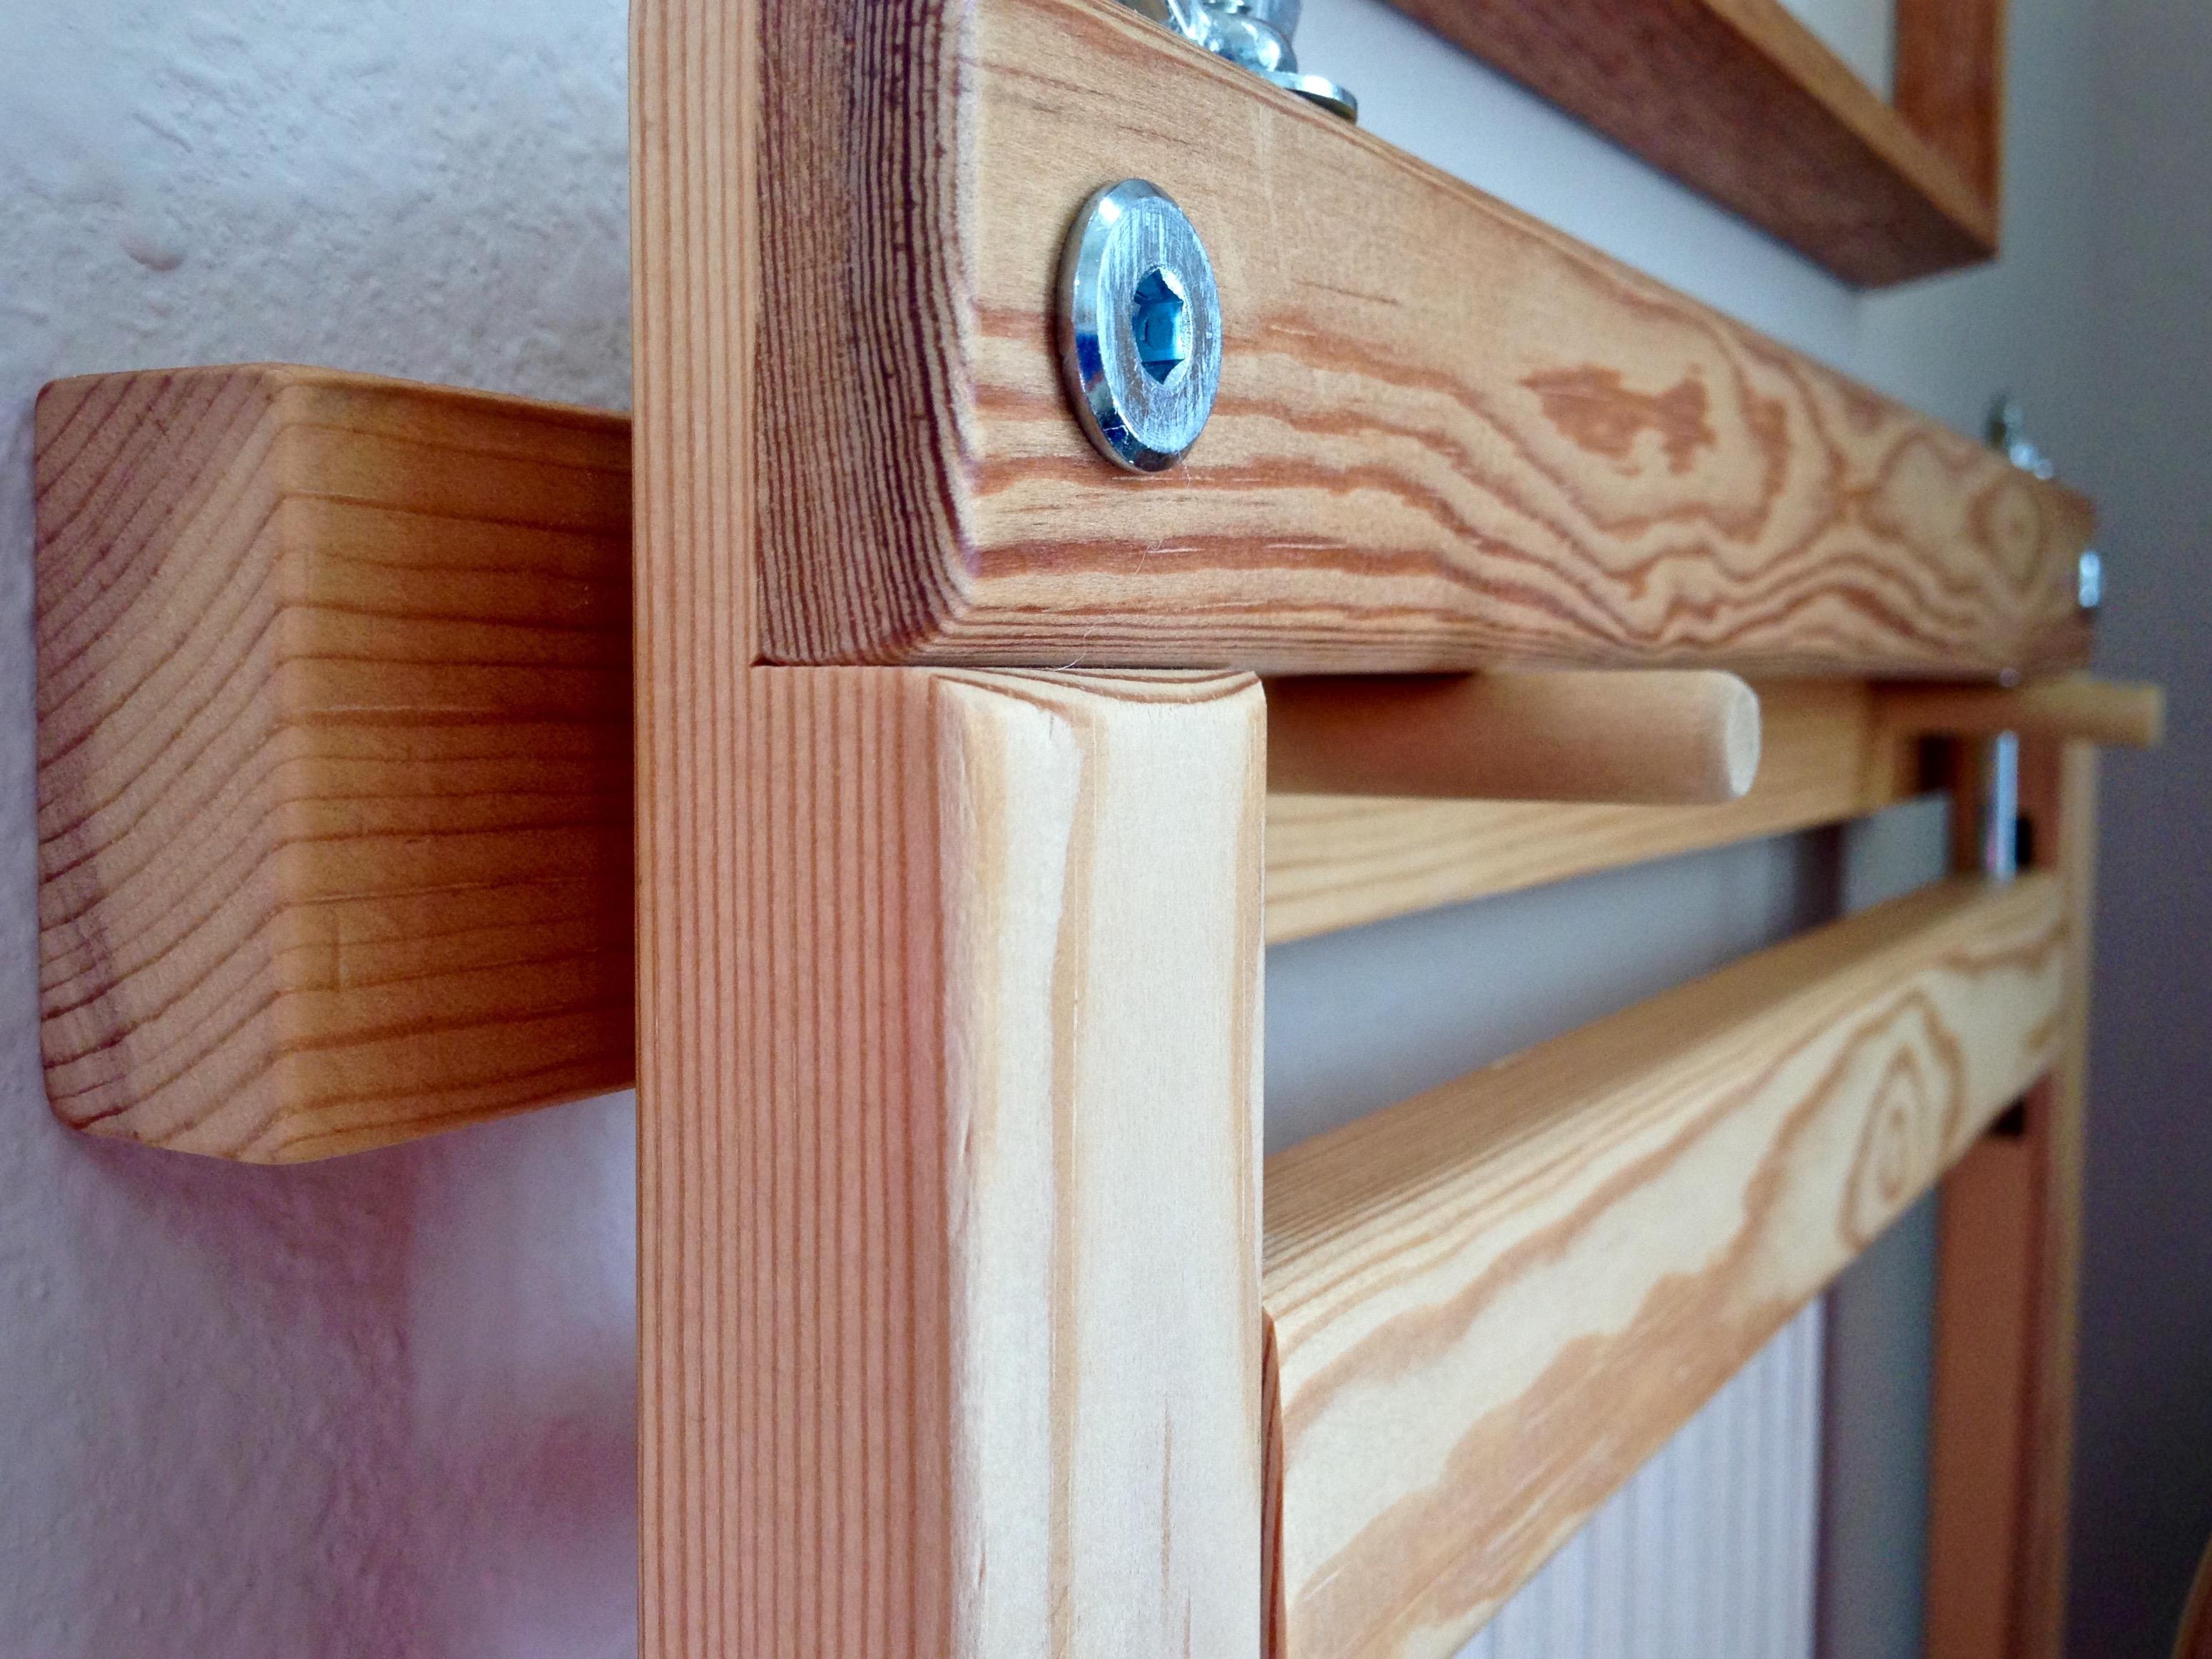 Pine Holder For Small Freja Tapestry Frame.